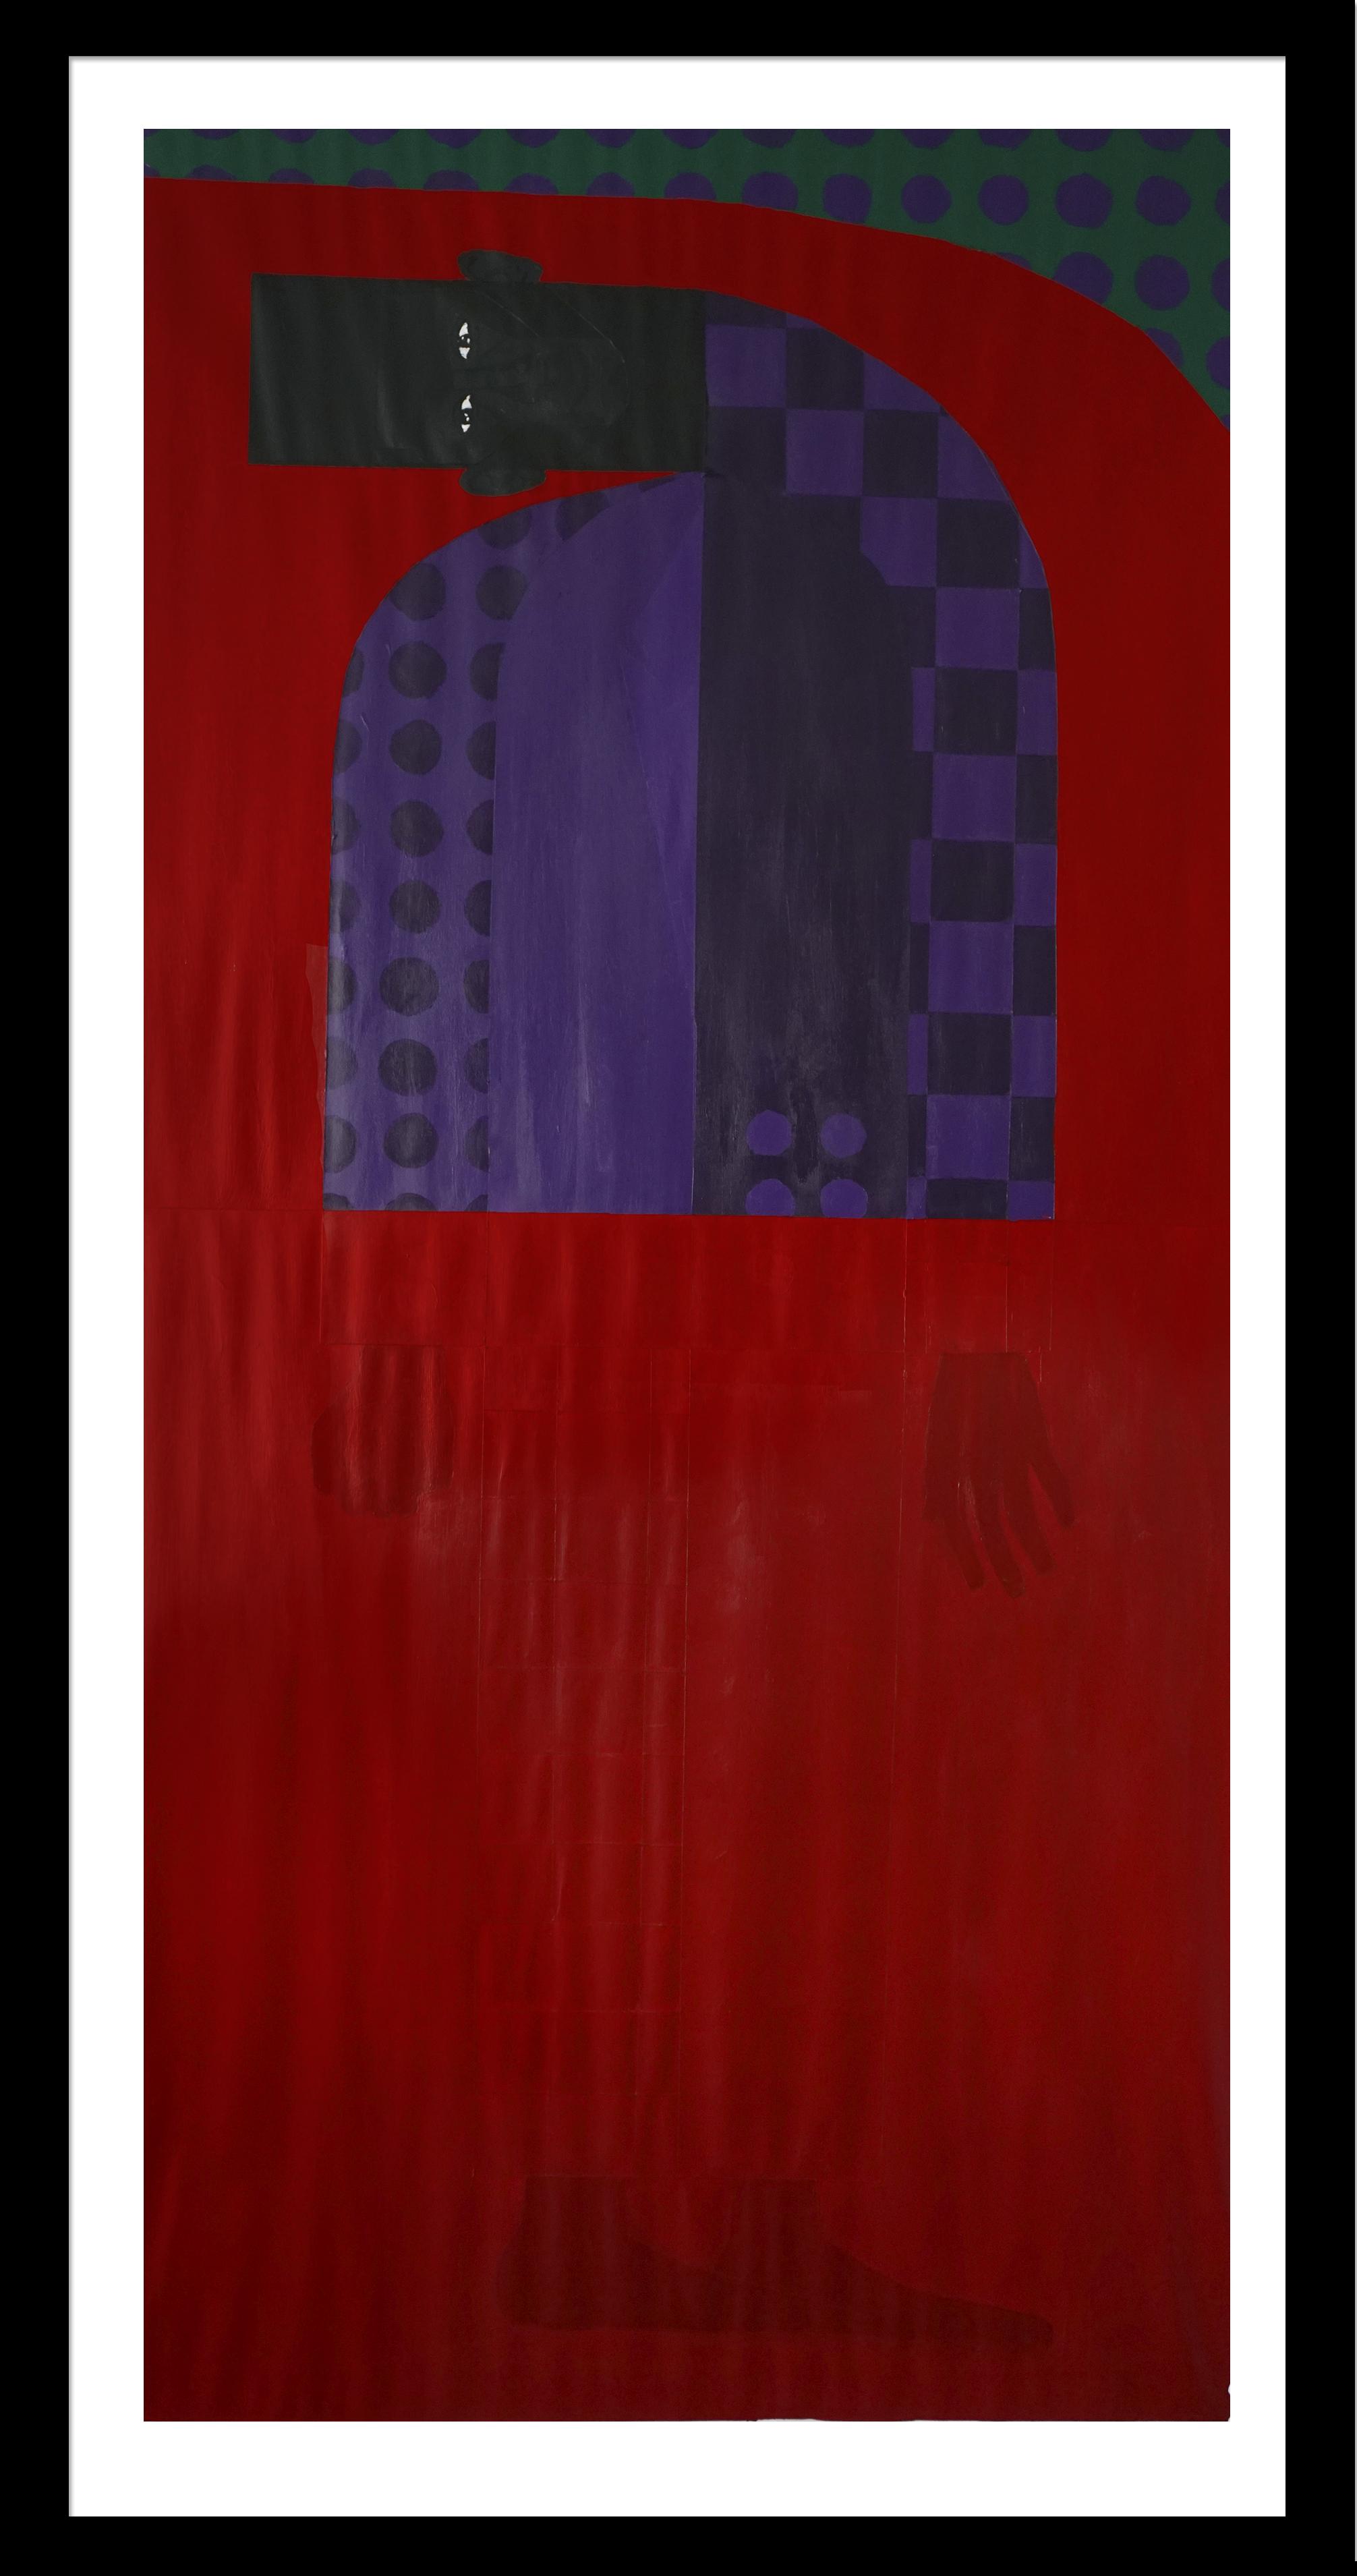 Violet Dreamscape No. 6 (Self-Baptism)